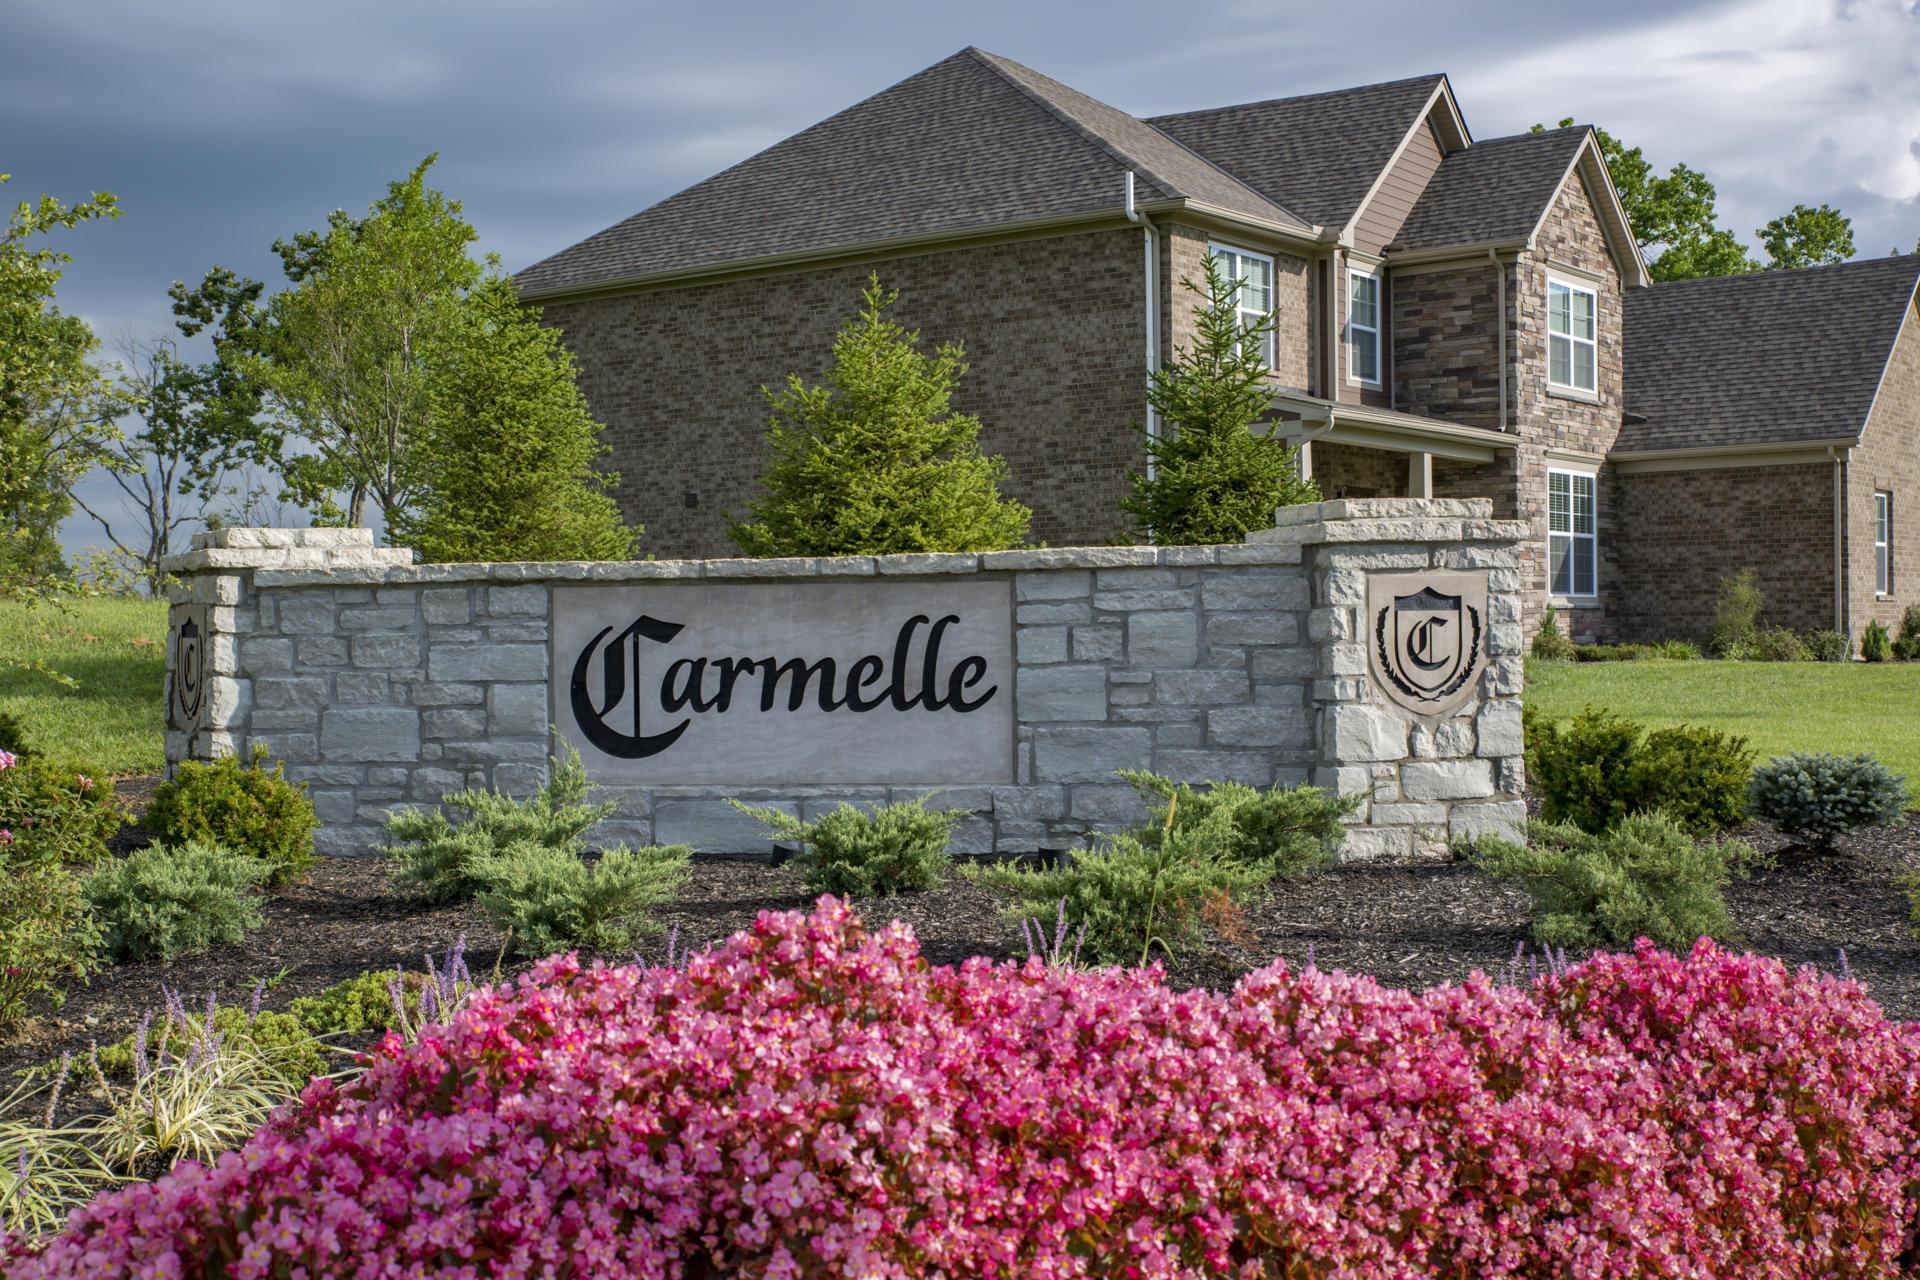 The Carmelle Entrance